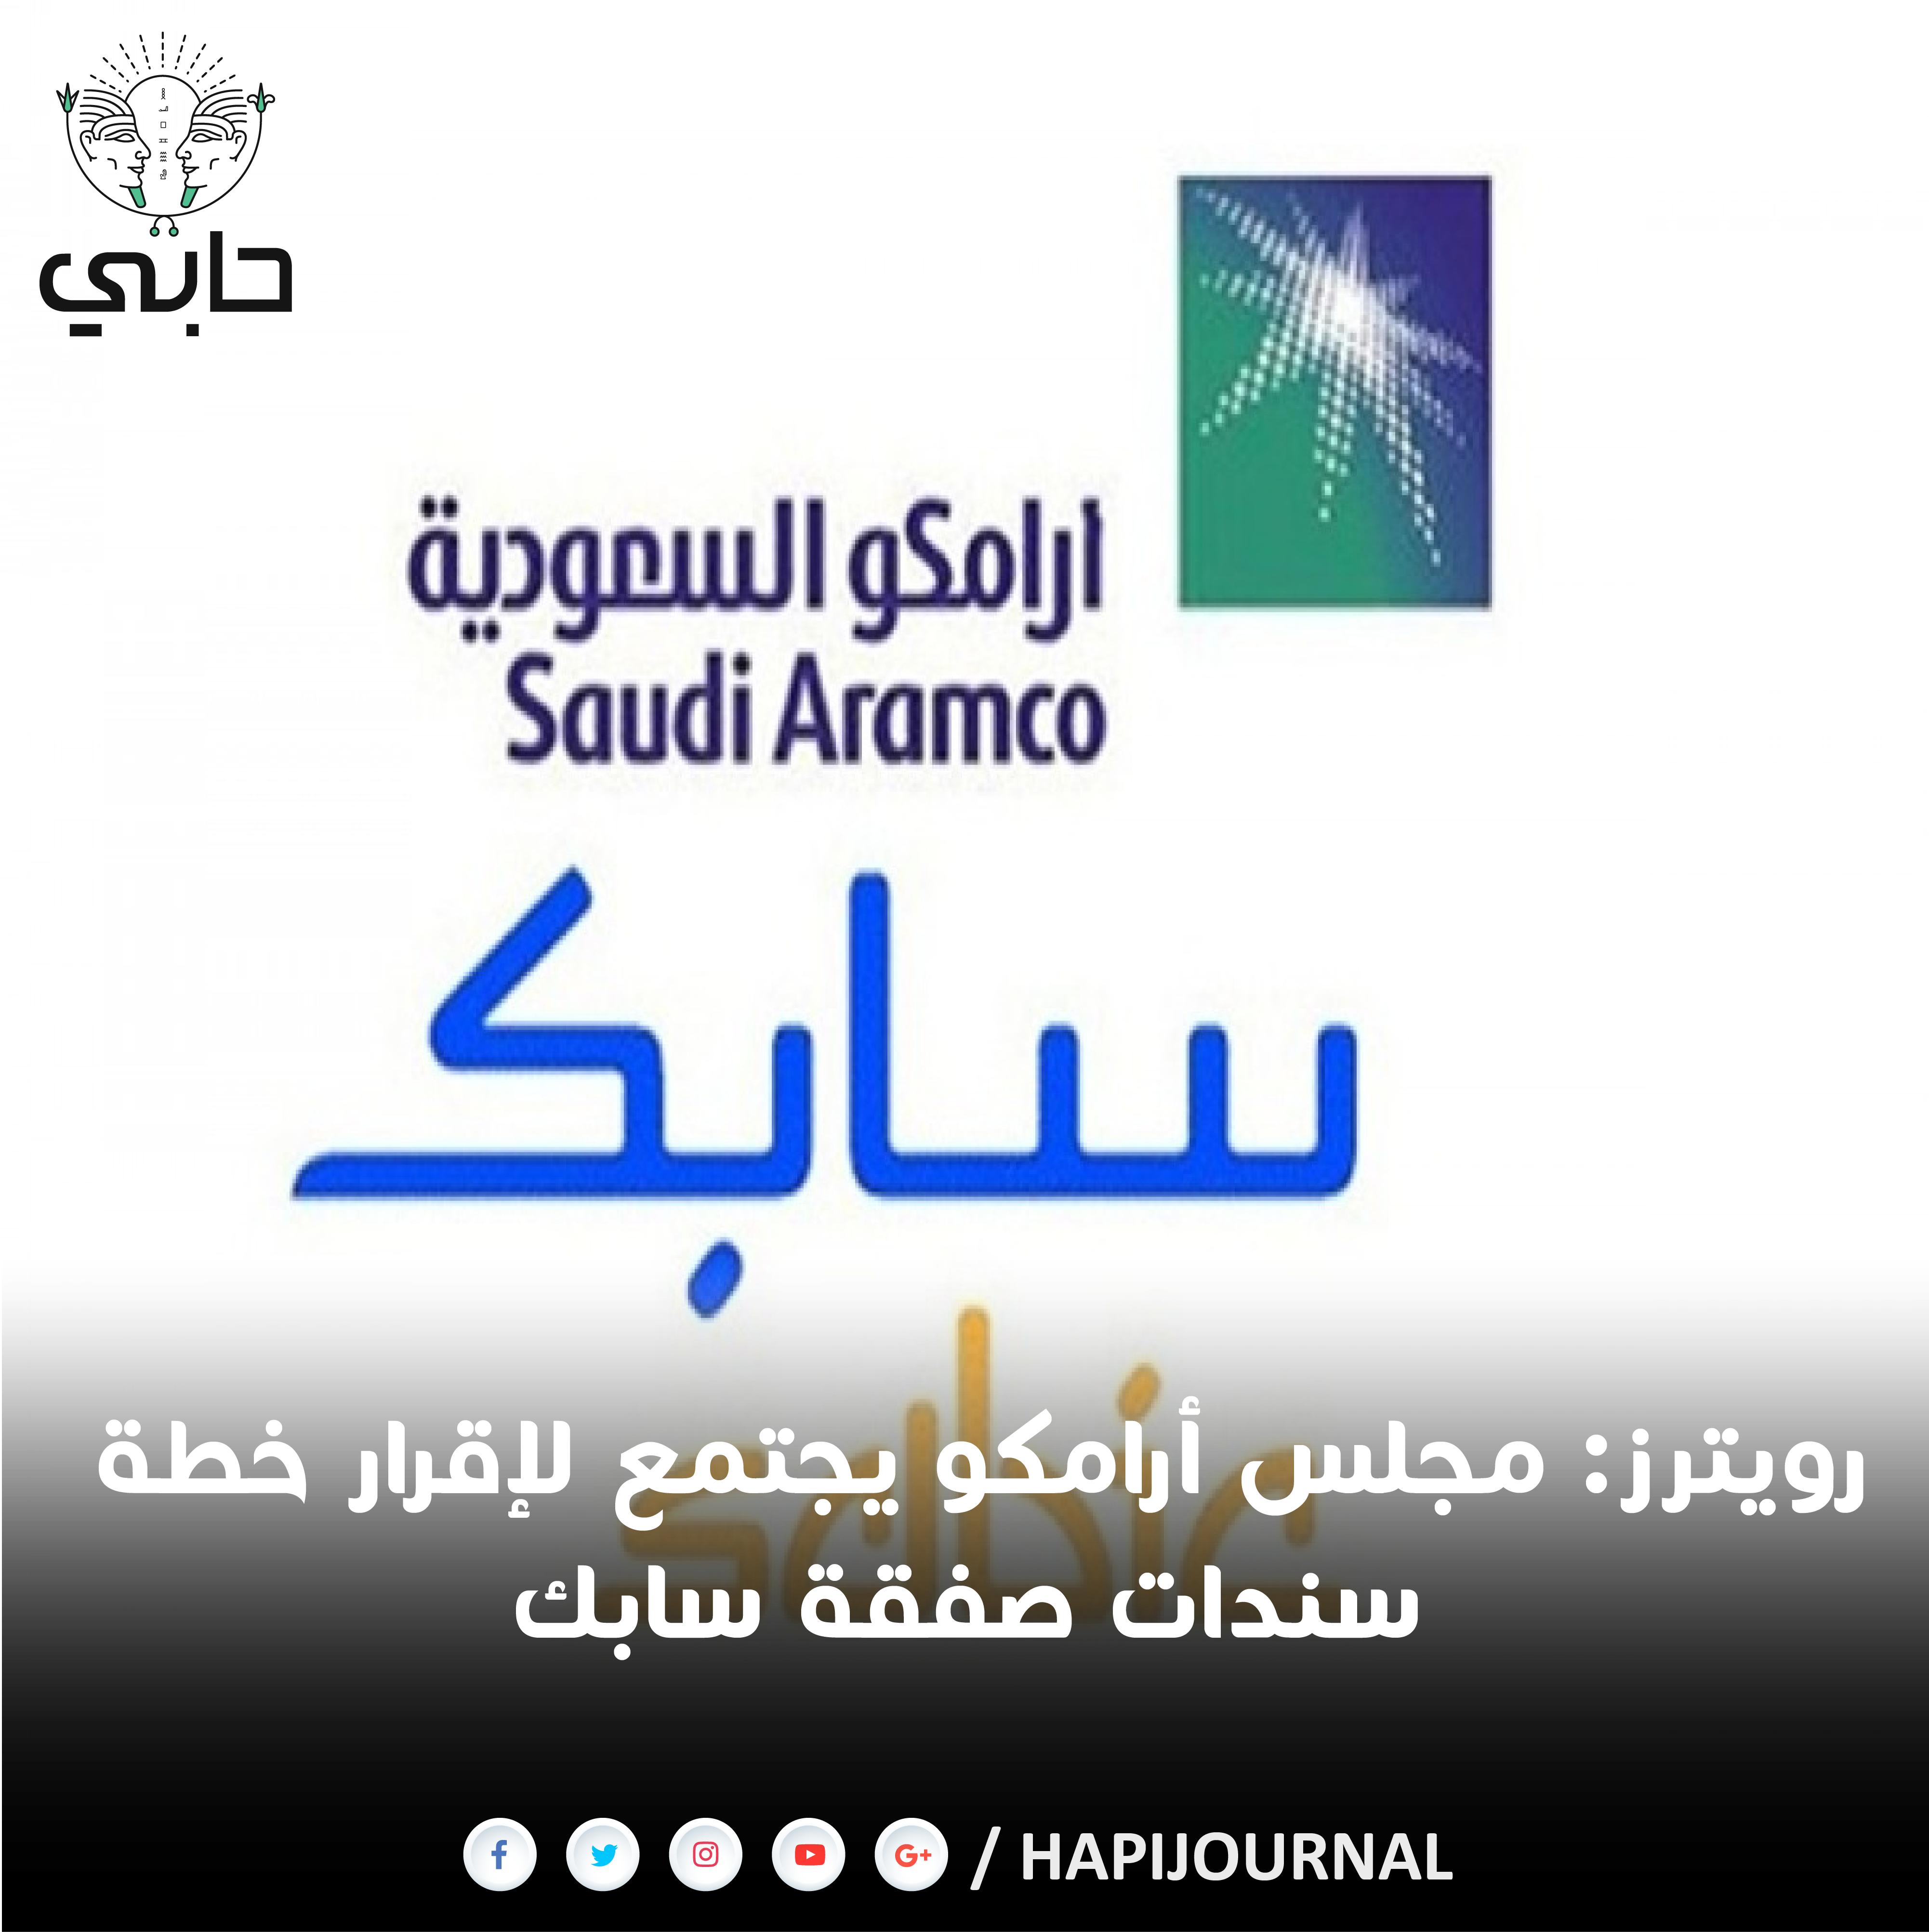 رويترز مجلس أرامكو يجتمع لإقرار خطة سندات صفقة سابك اخبار مصر القاهرة سوق مال أرامكو السعودية صفقات سندات سابك Abi Jugs